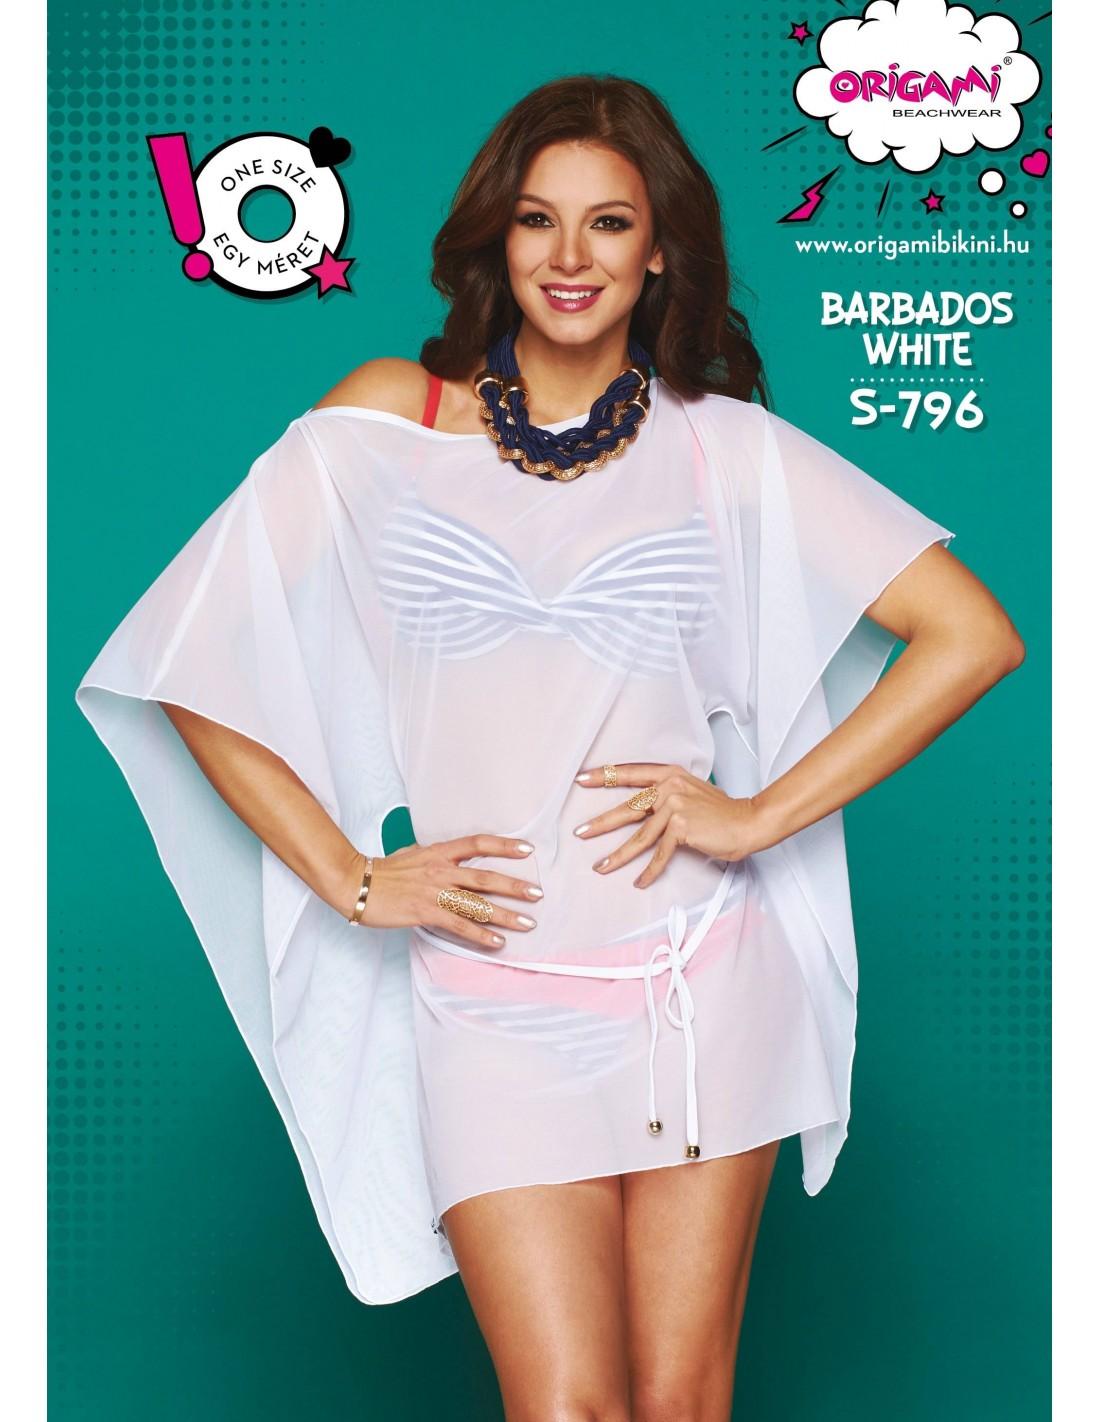 Origami Bikini Barbados White S-796 20972ceab4